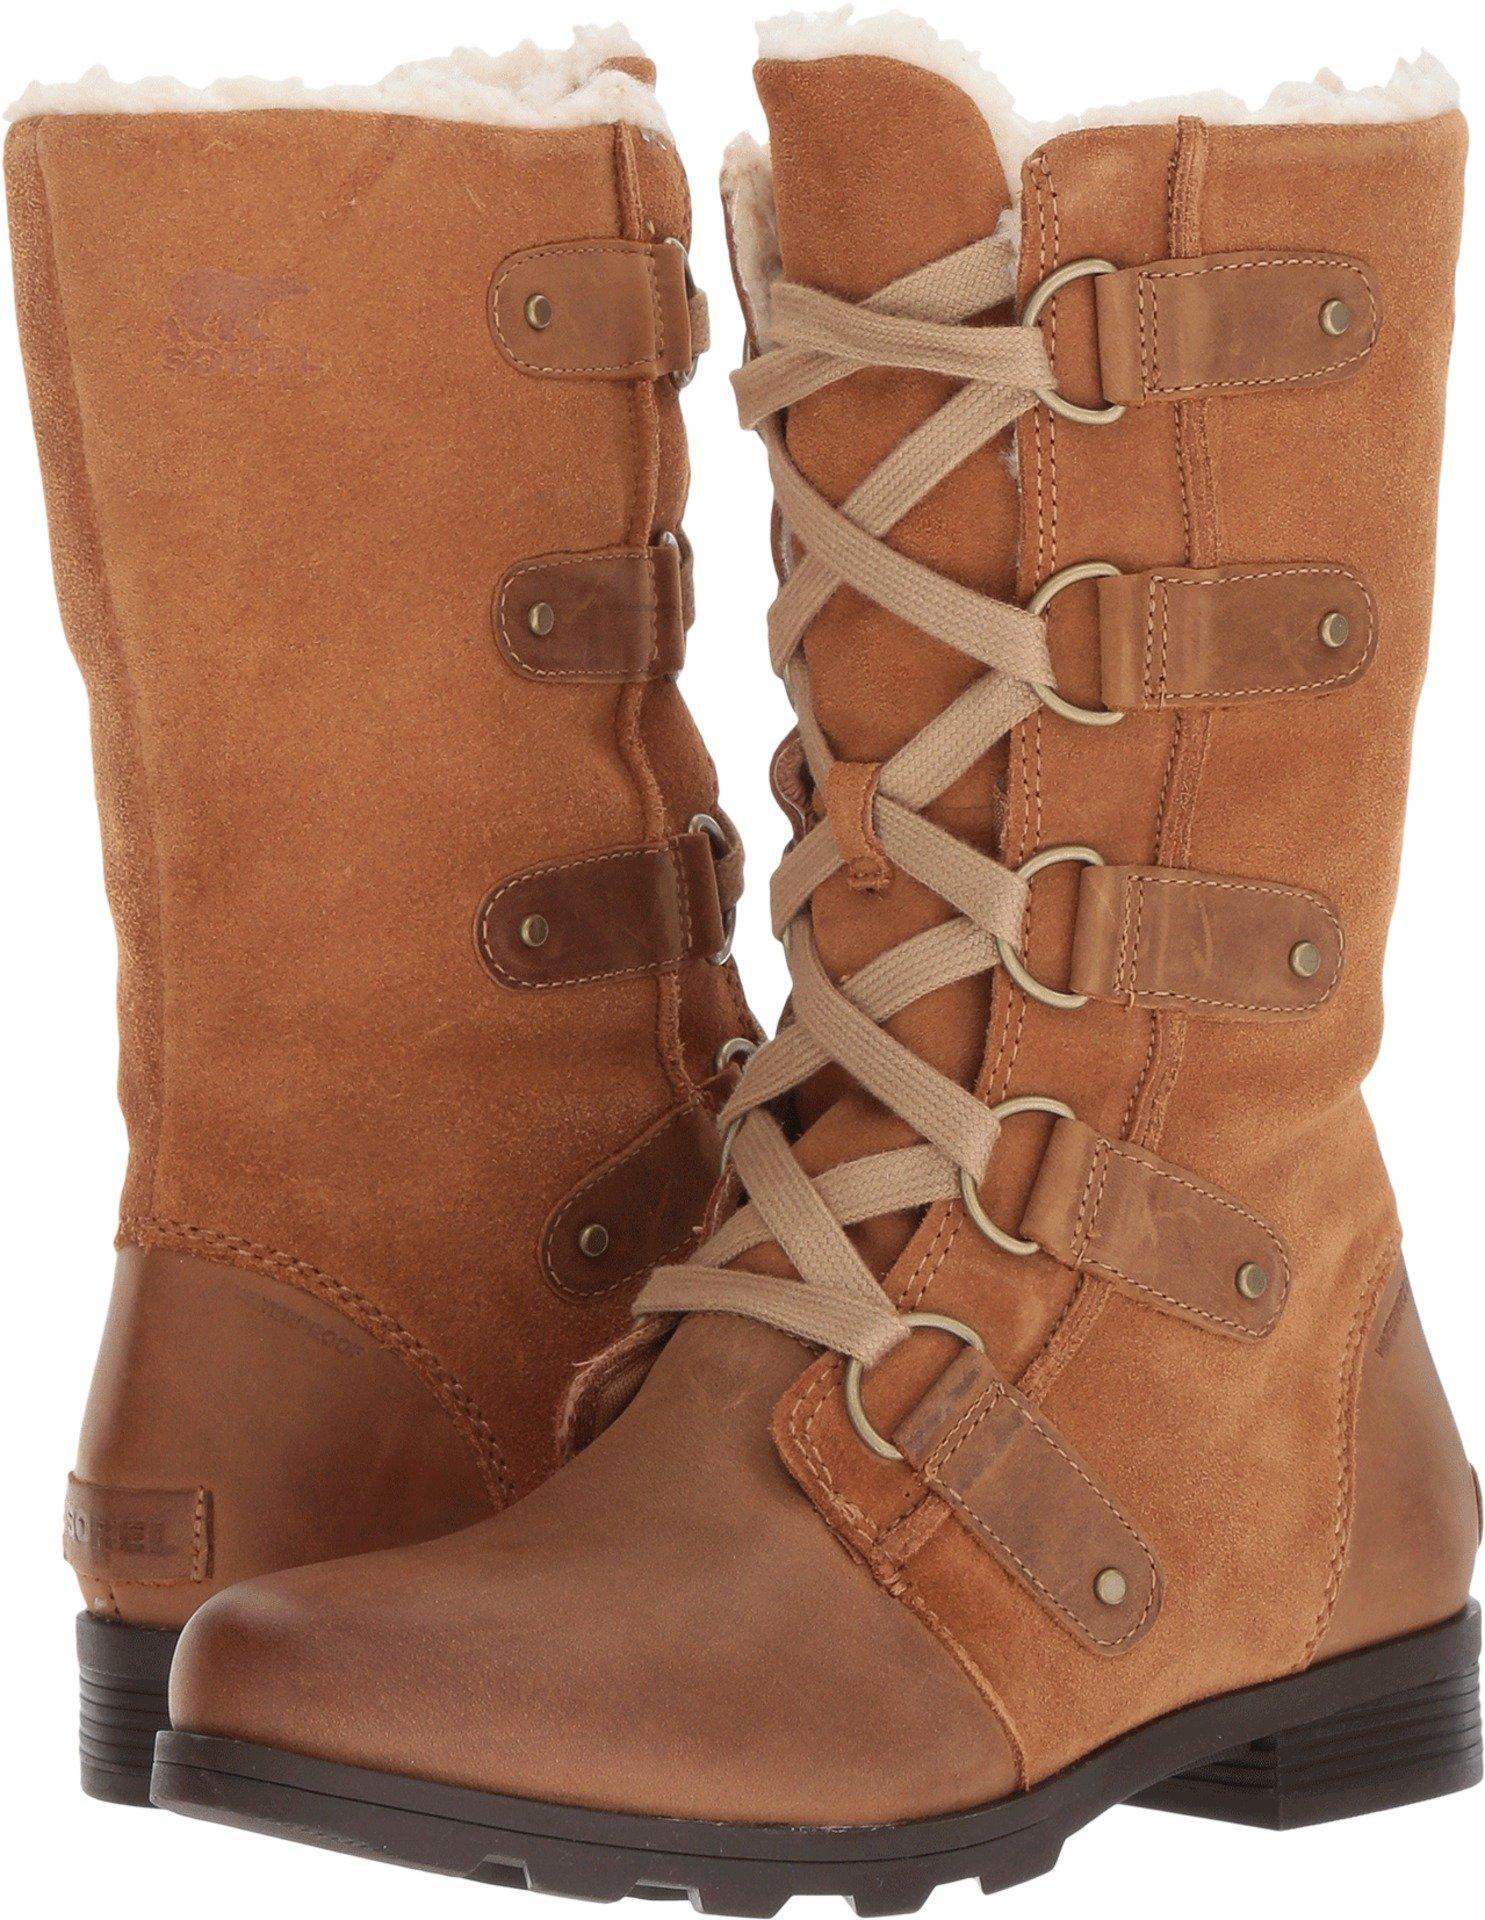 SOREL Women's Emelie Lace Boots (8.5 B(M) US, Elk/Cordovan)